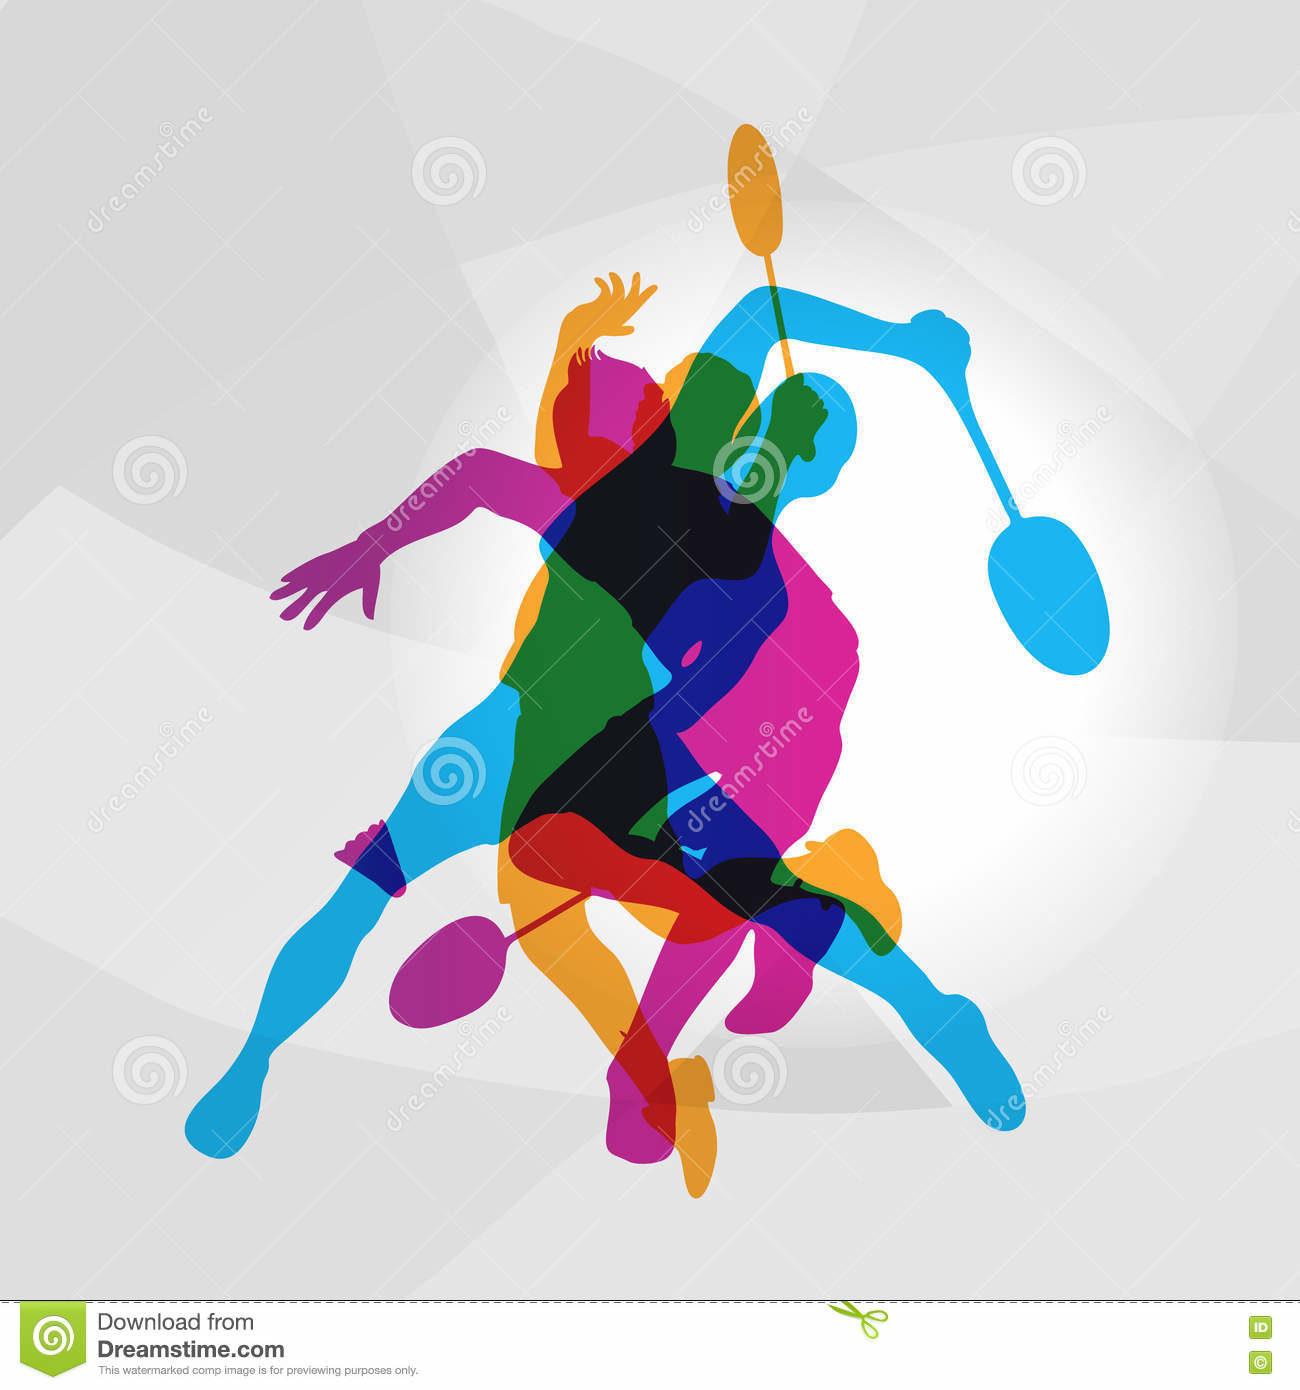 joueurs-modernes-de-badminton-dans-le-logo-d-action-75970372.jpg